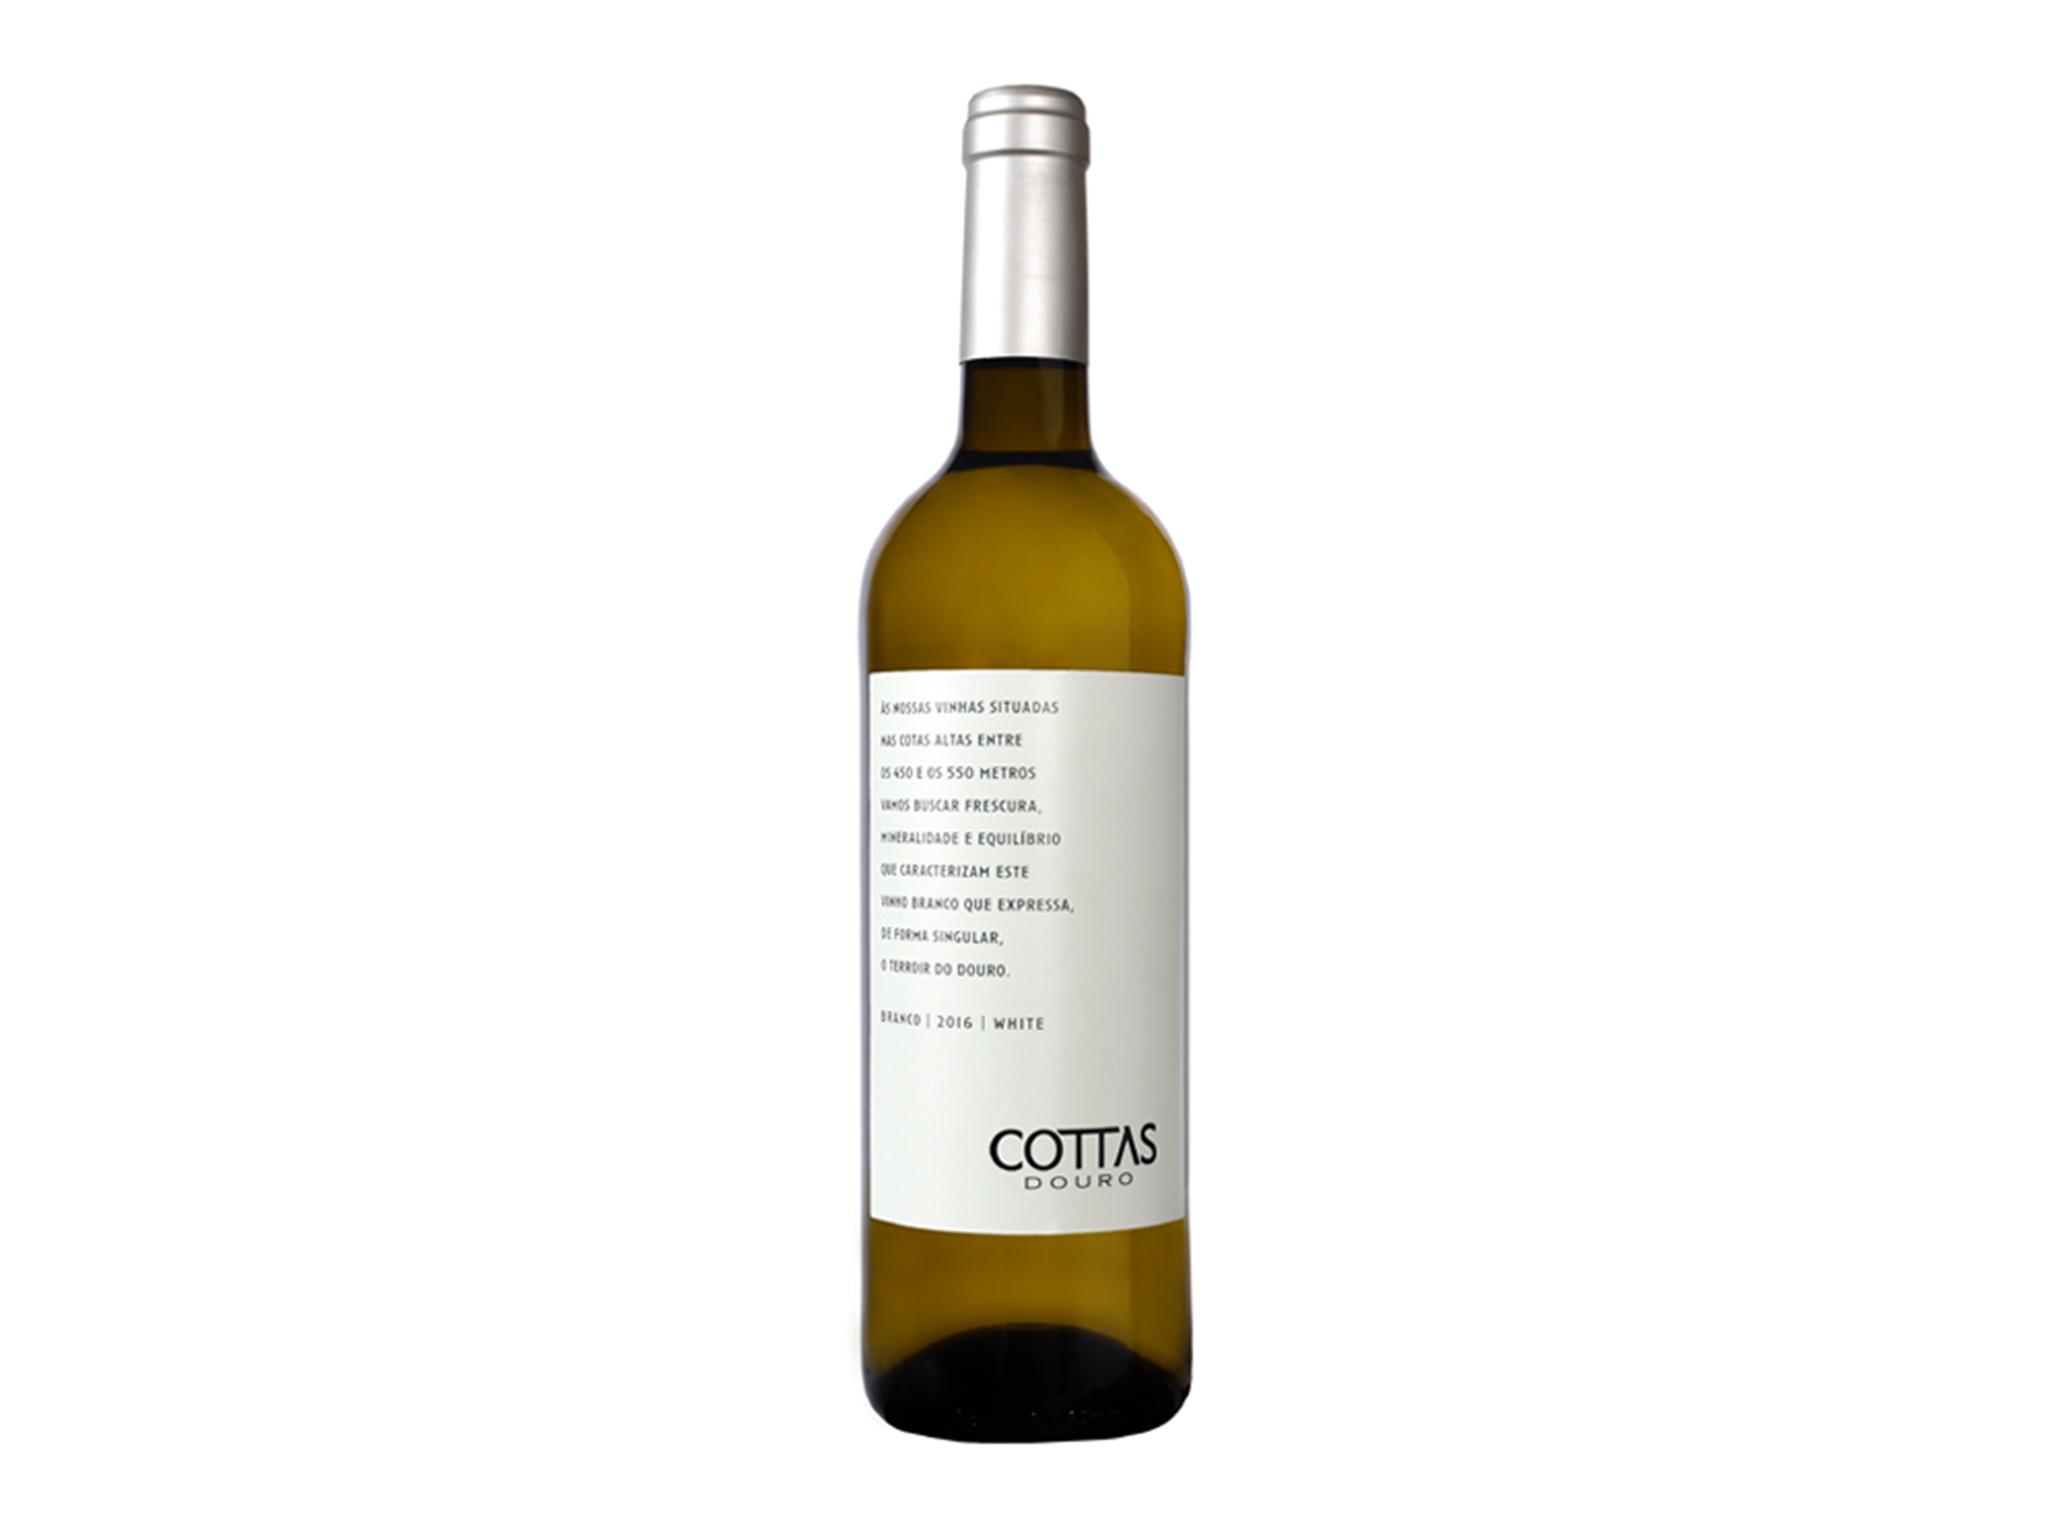 Cottas Branco 2018